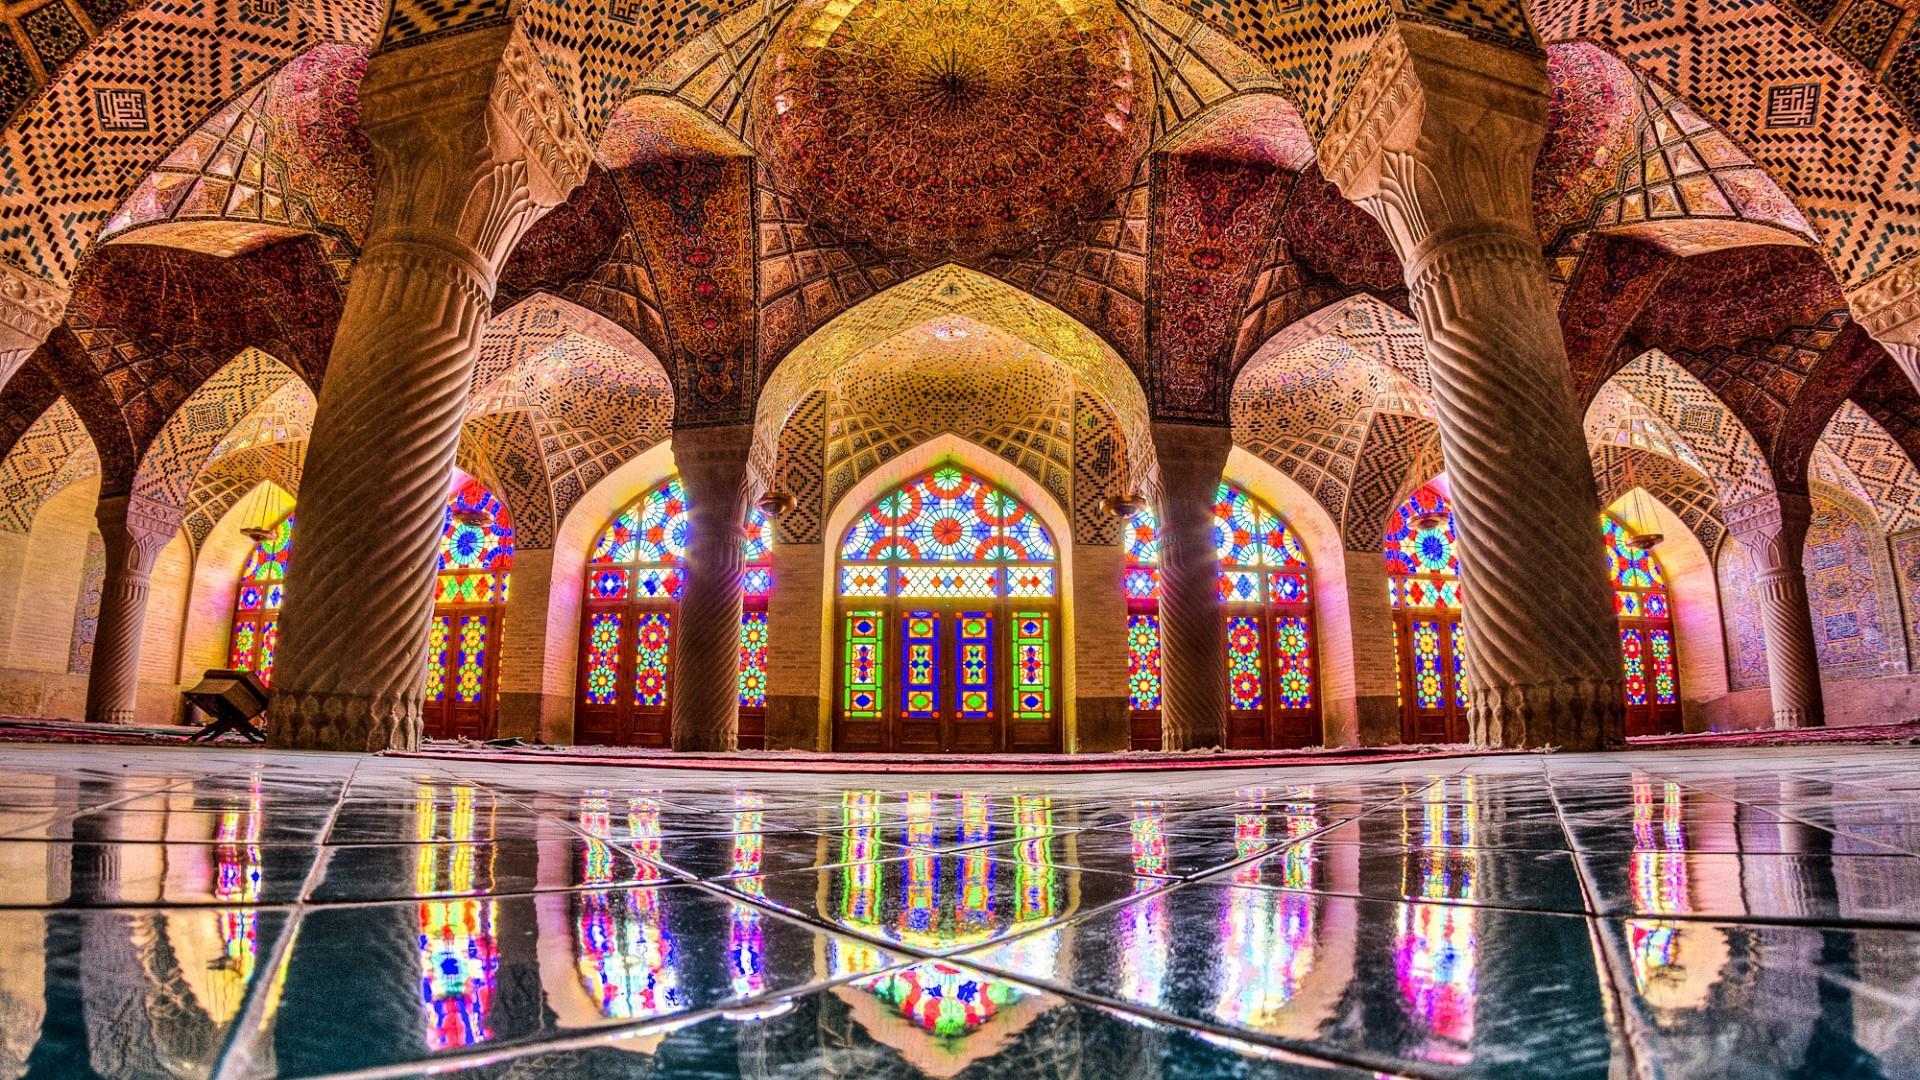 مسجد نصیرالملک یا مسجد صورتی شاهکار معماری در شیراز دلگشا